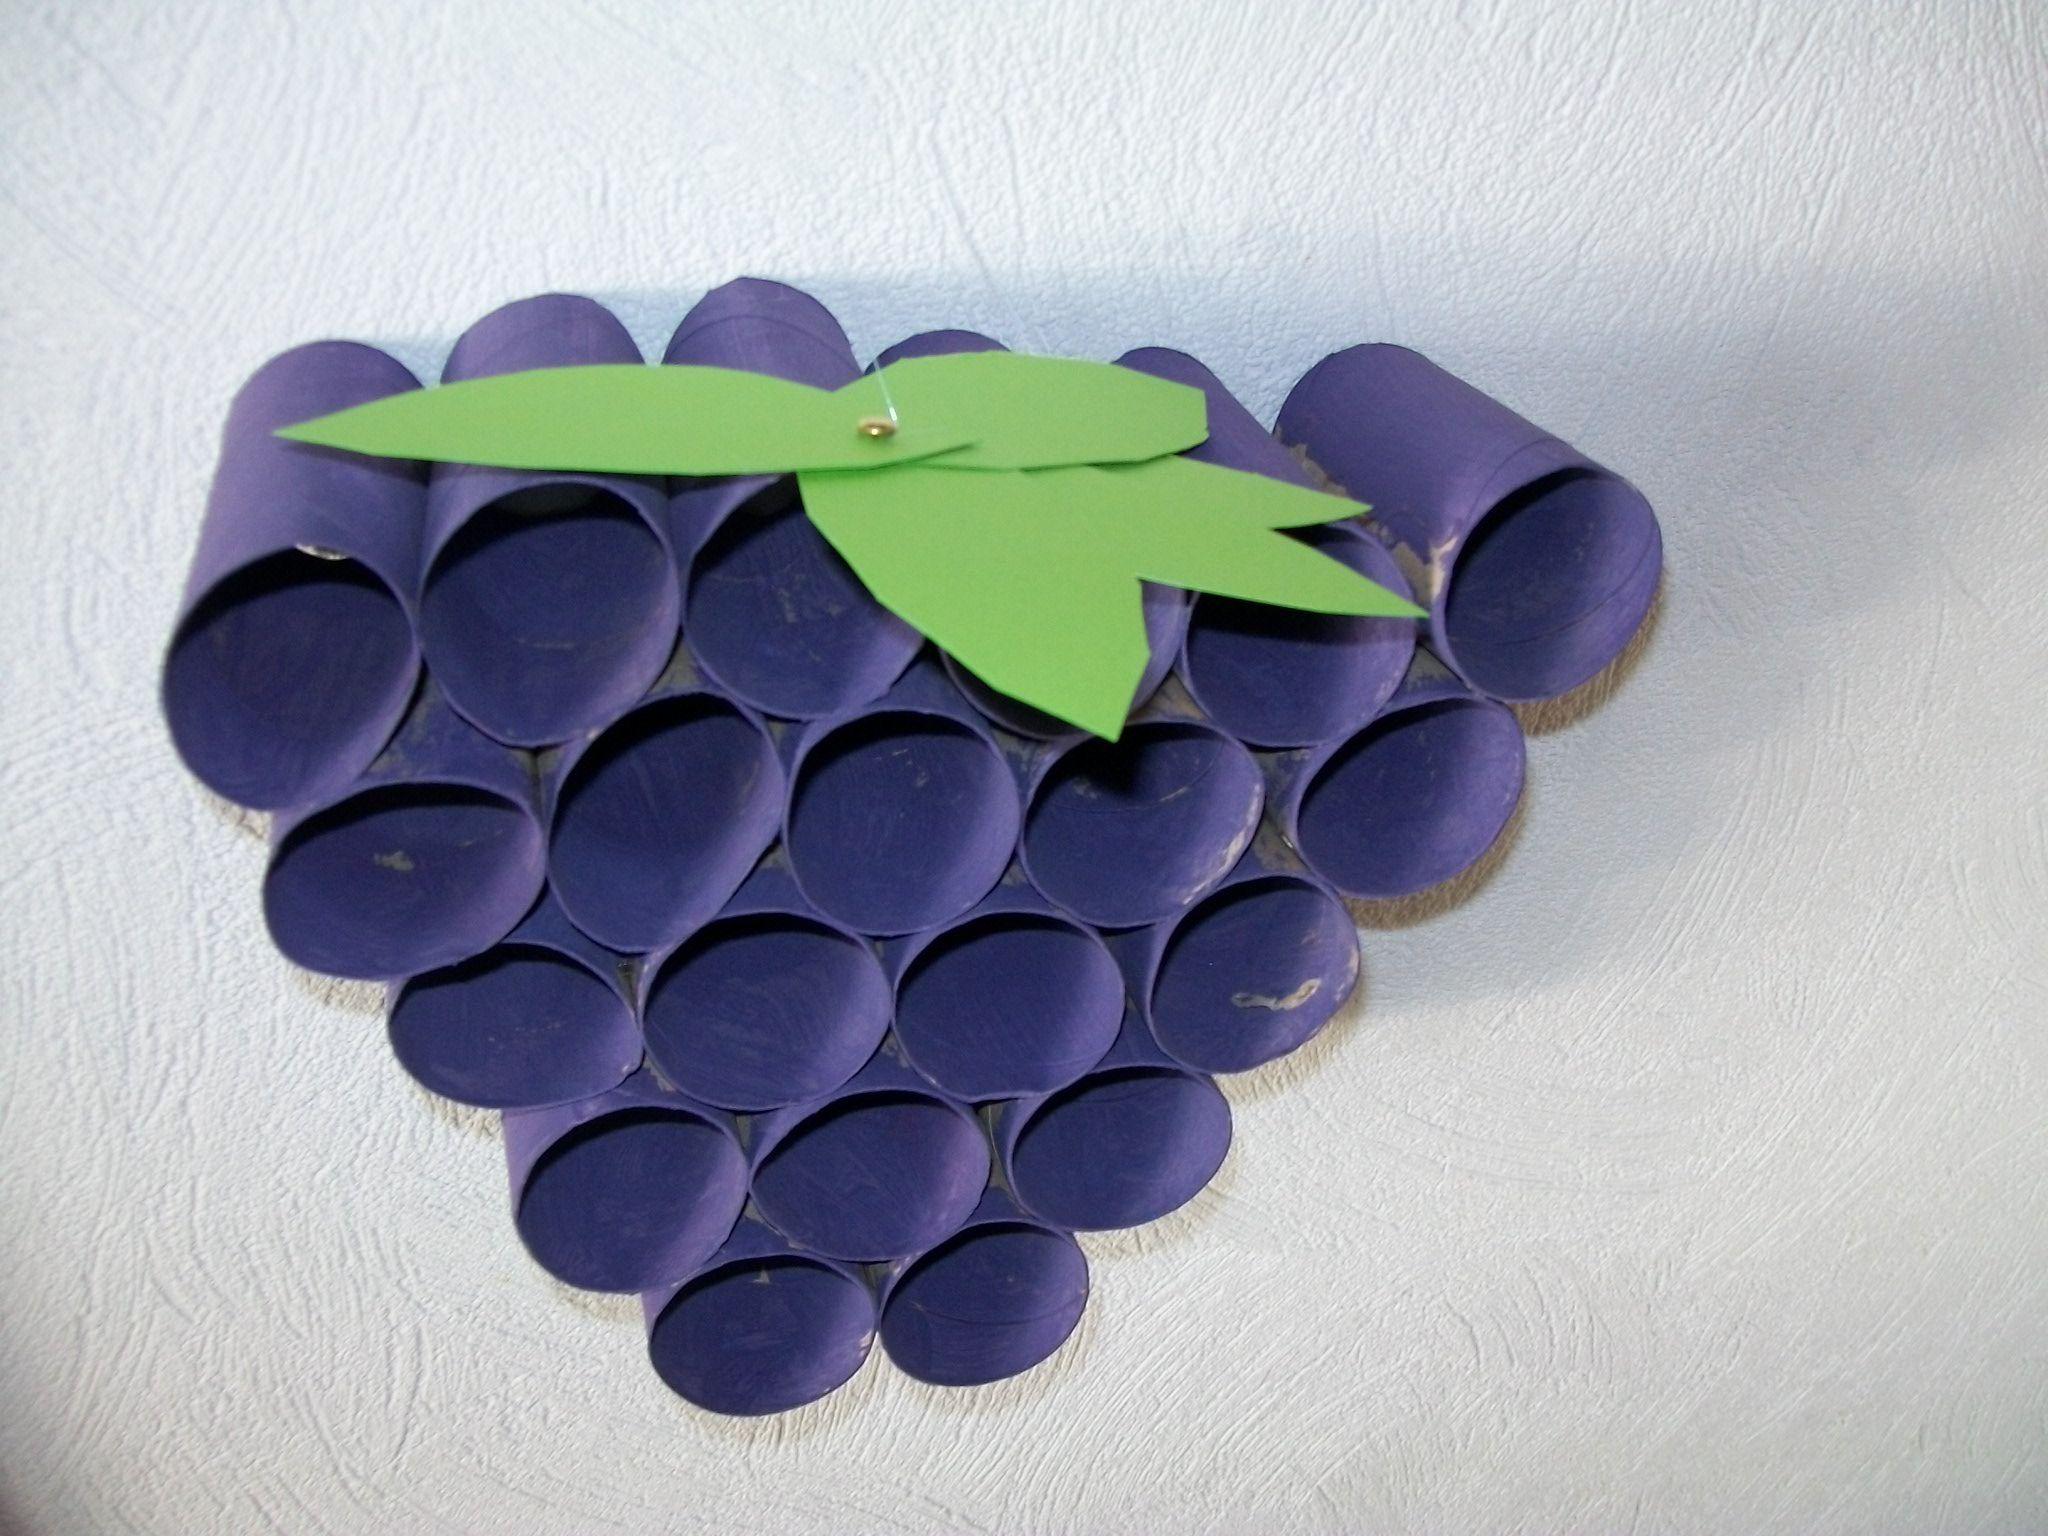 Activite avec des rouleaux de papier - Activite manuelle avec rouleau papier toilette ...